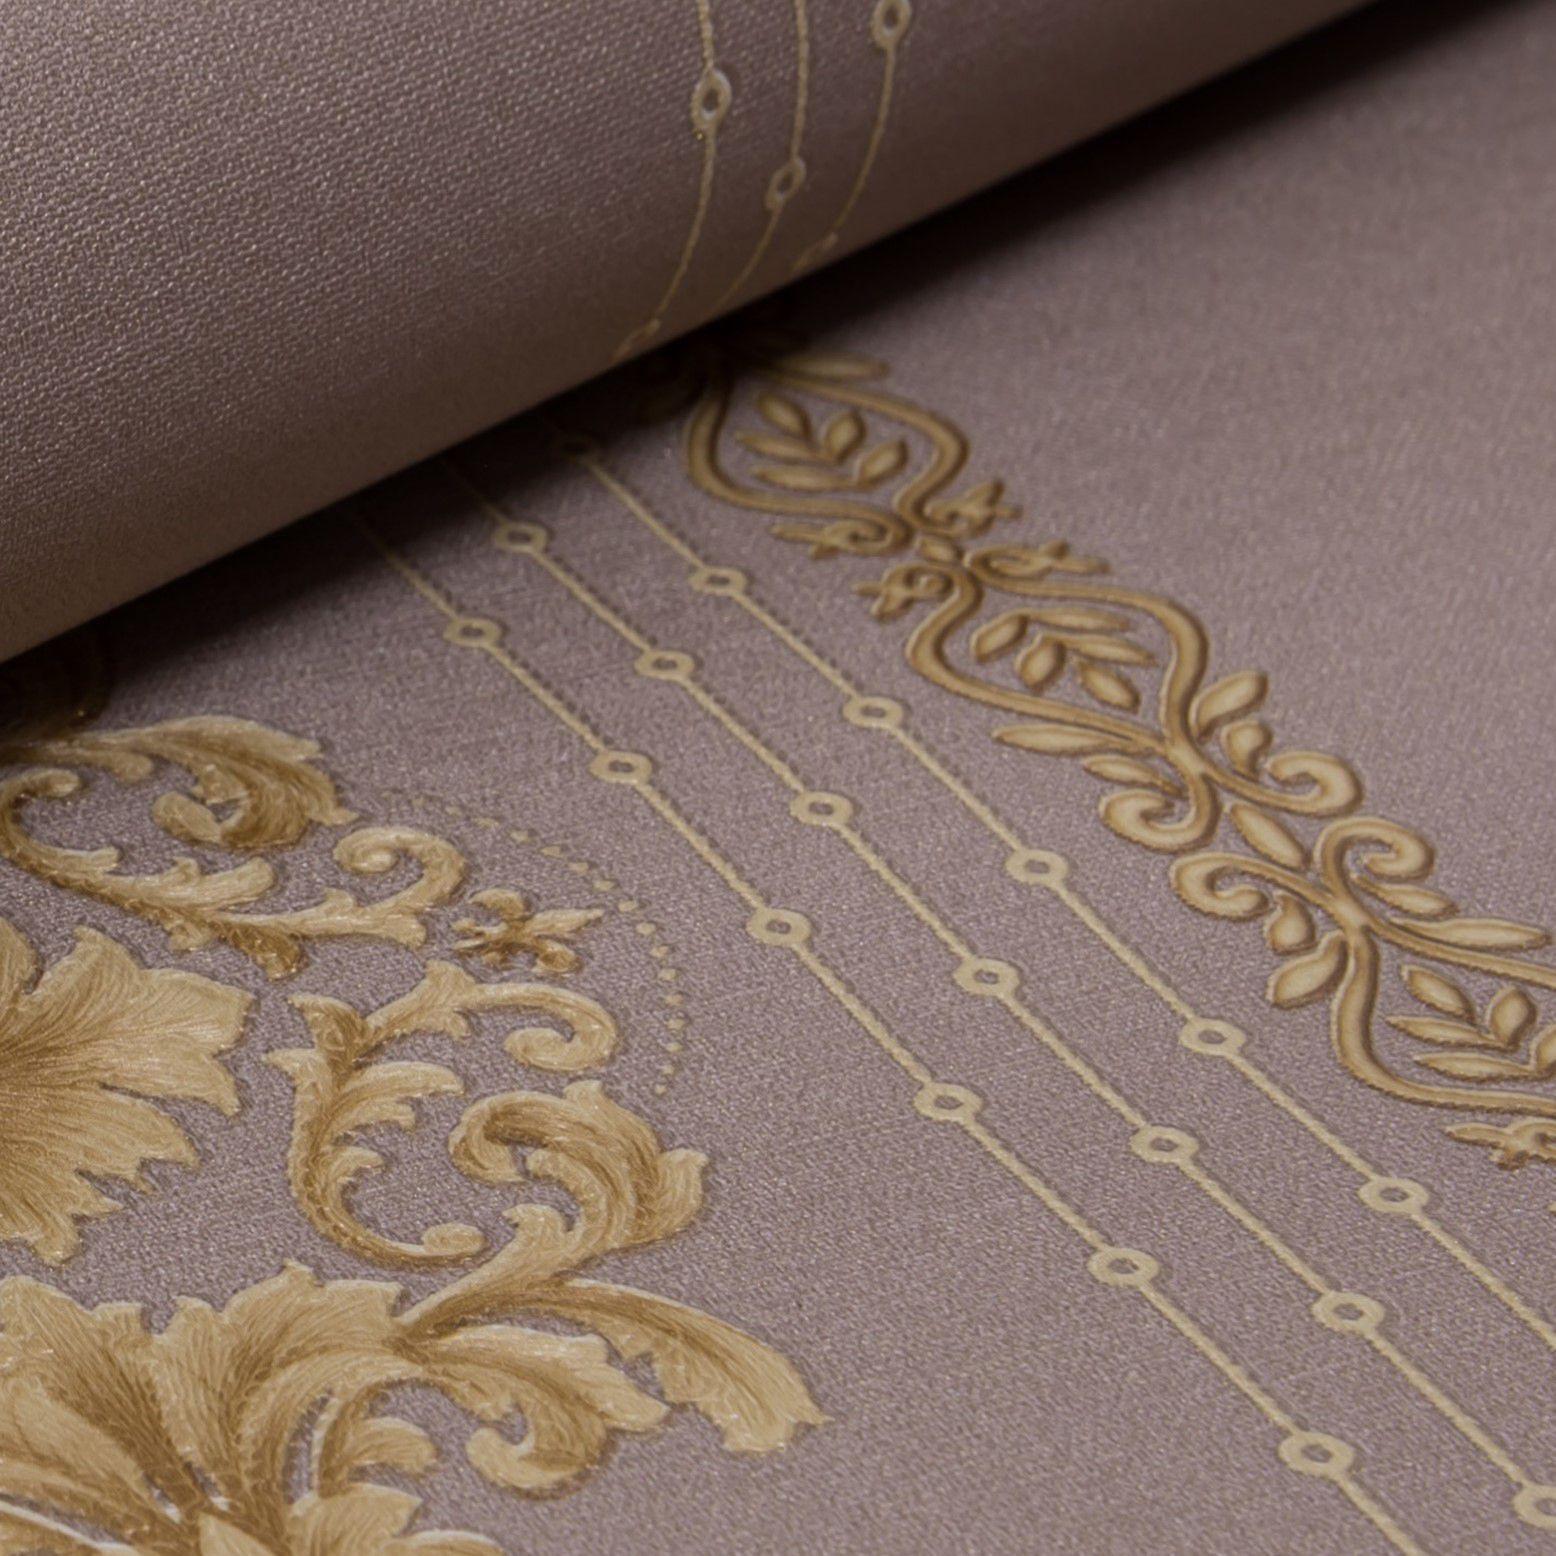 Papel de Parede Paris Decor Vinílico Coleção Colmar Damask Marrom, Dourado